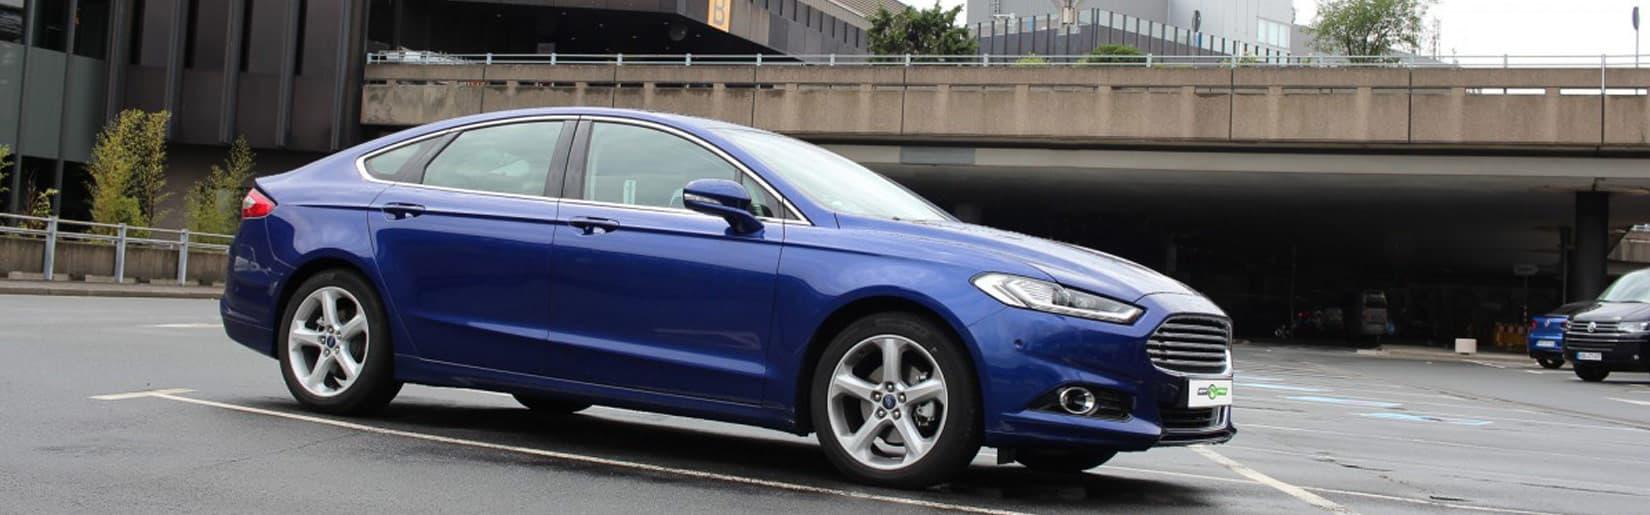 Dieselpartikelfilter reinigen für Ford Fahrzeuge